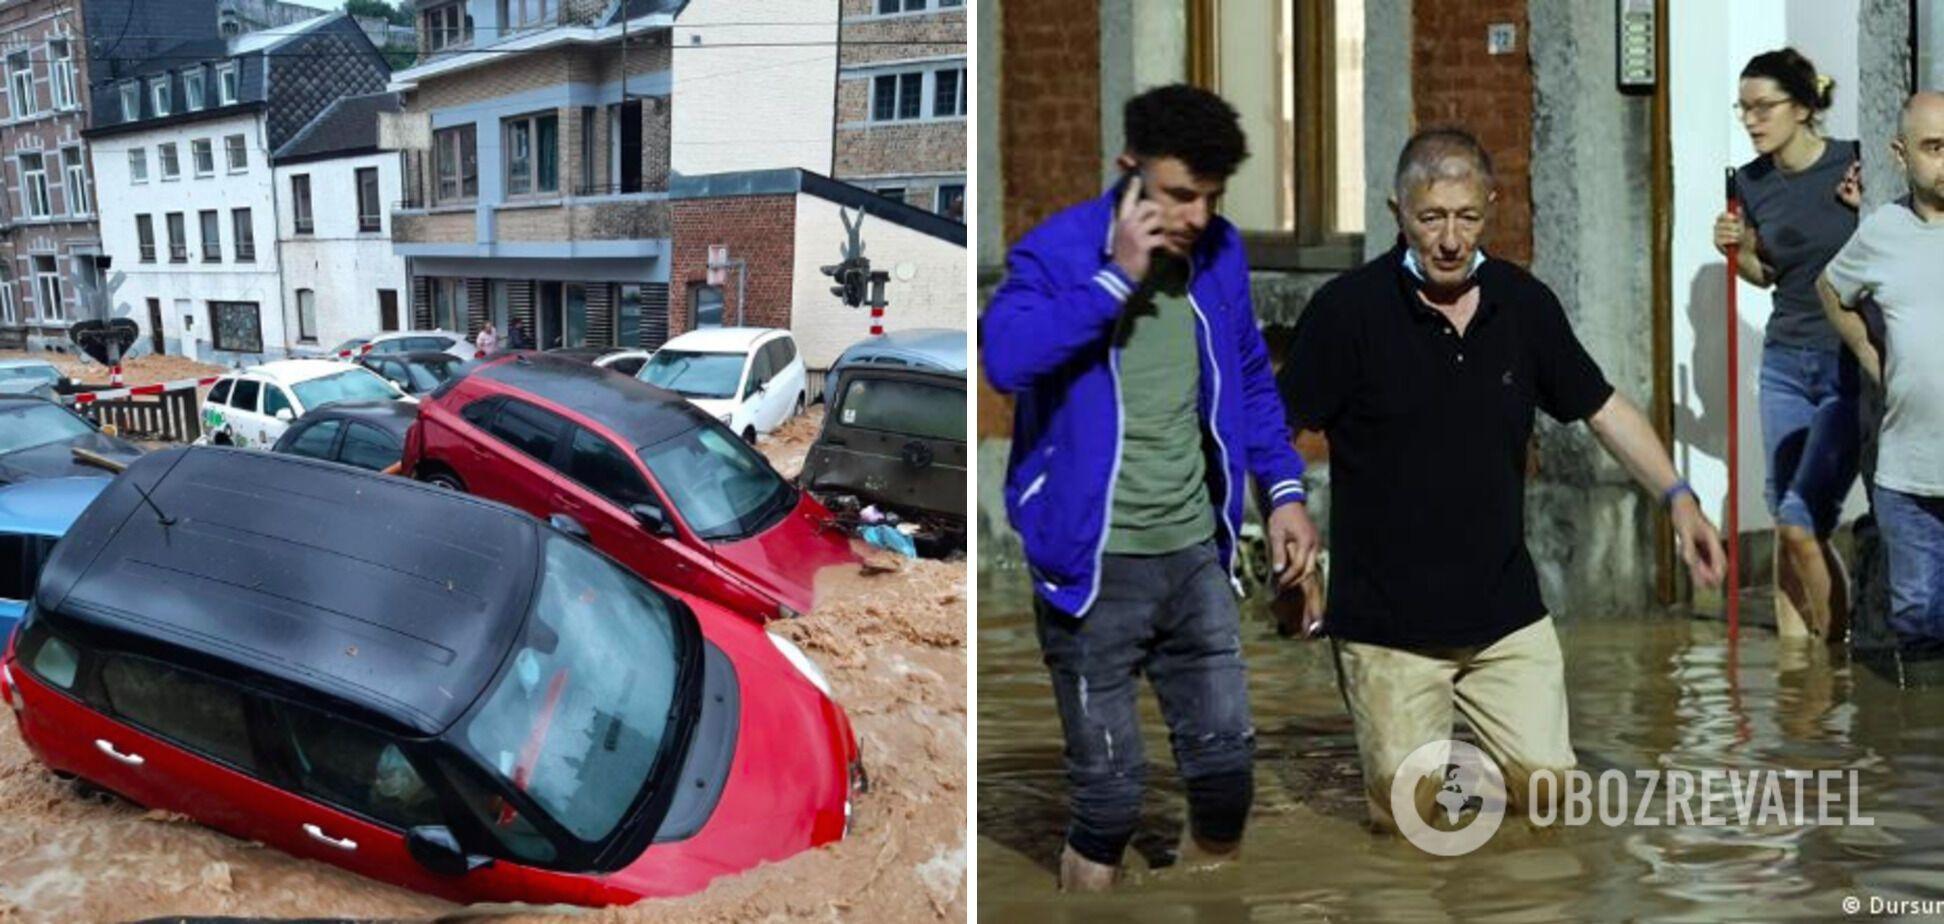 Бельгия вновь оказалась под водой из-за сильных дождей: потоки несли авто по улицам. Фото, видео